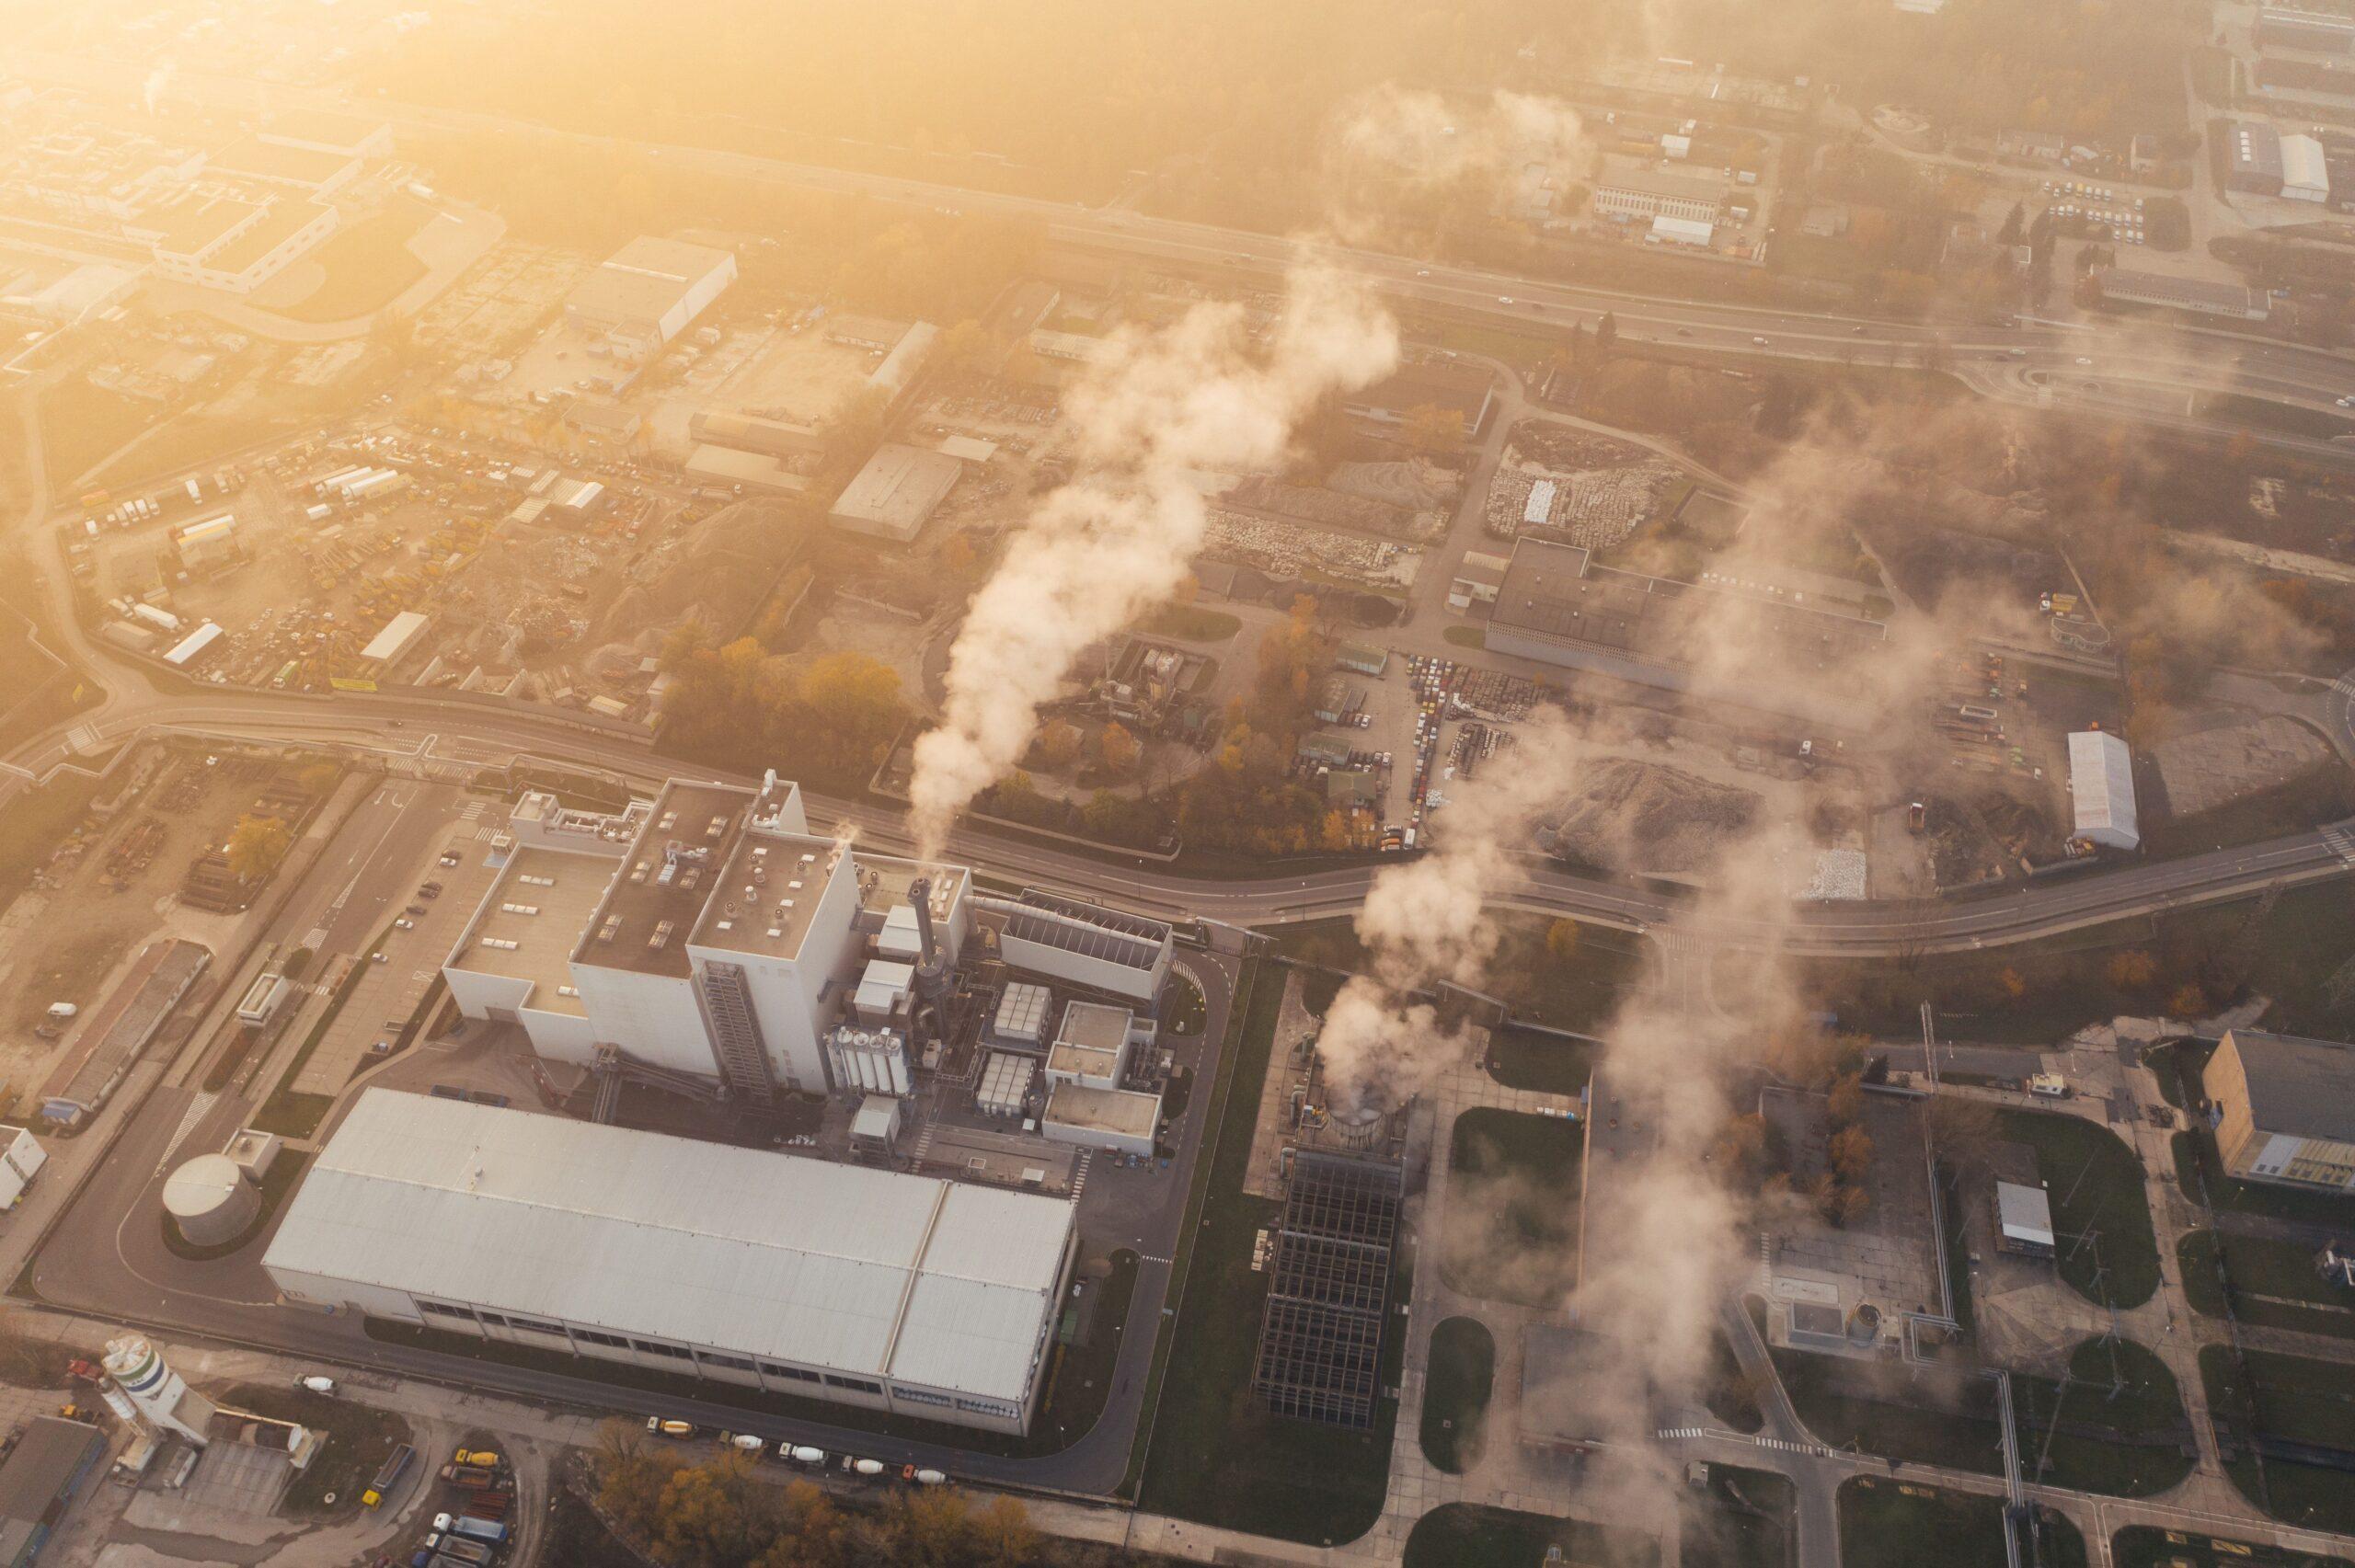 Blick auf Industriegebiet in Polen